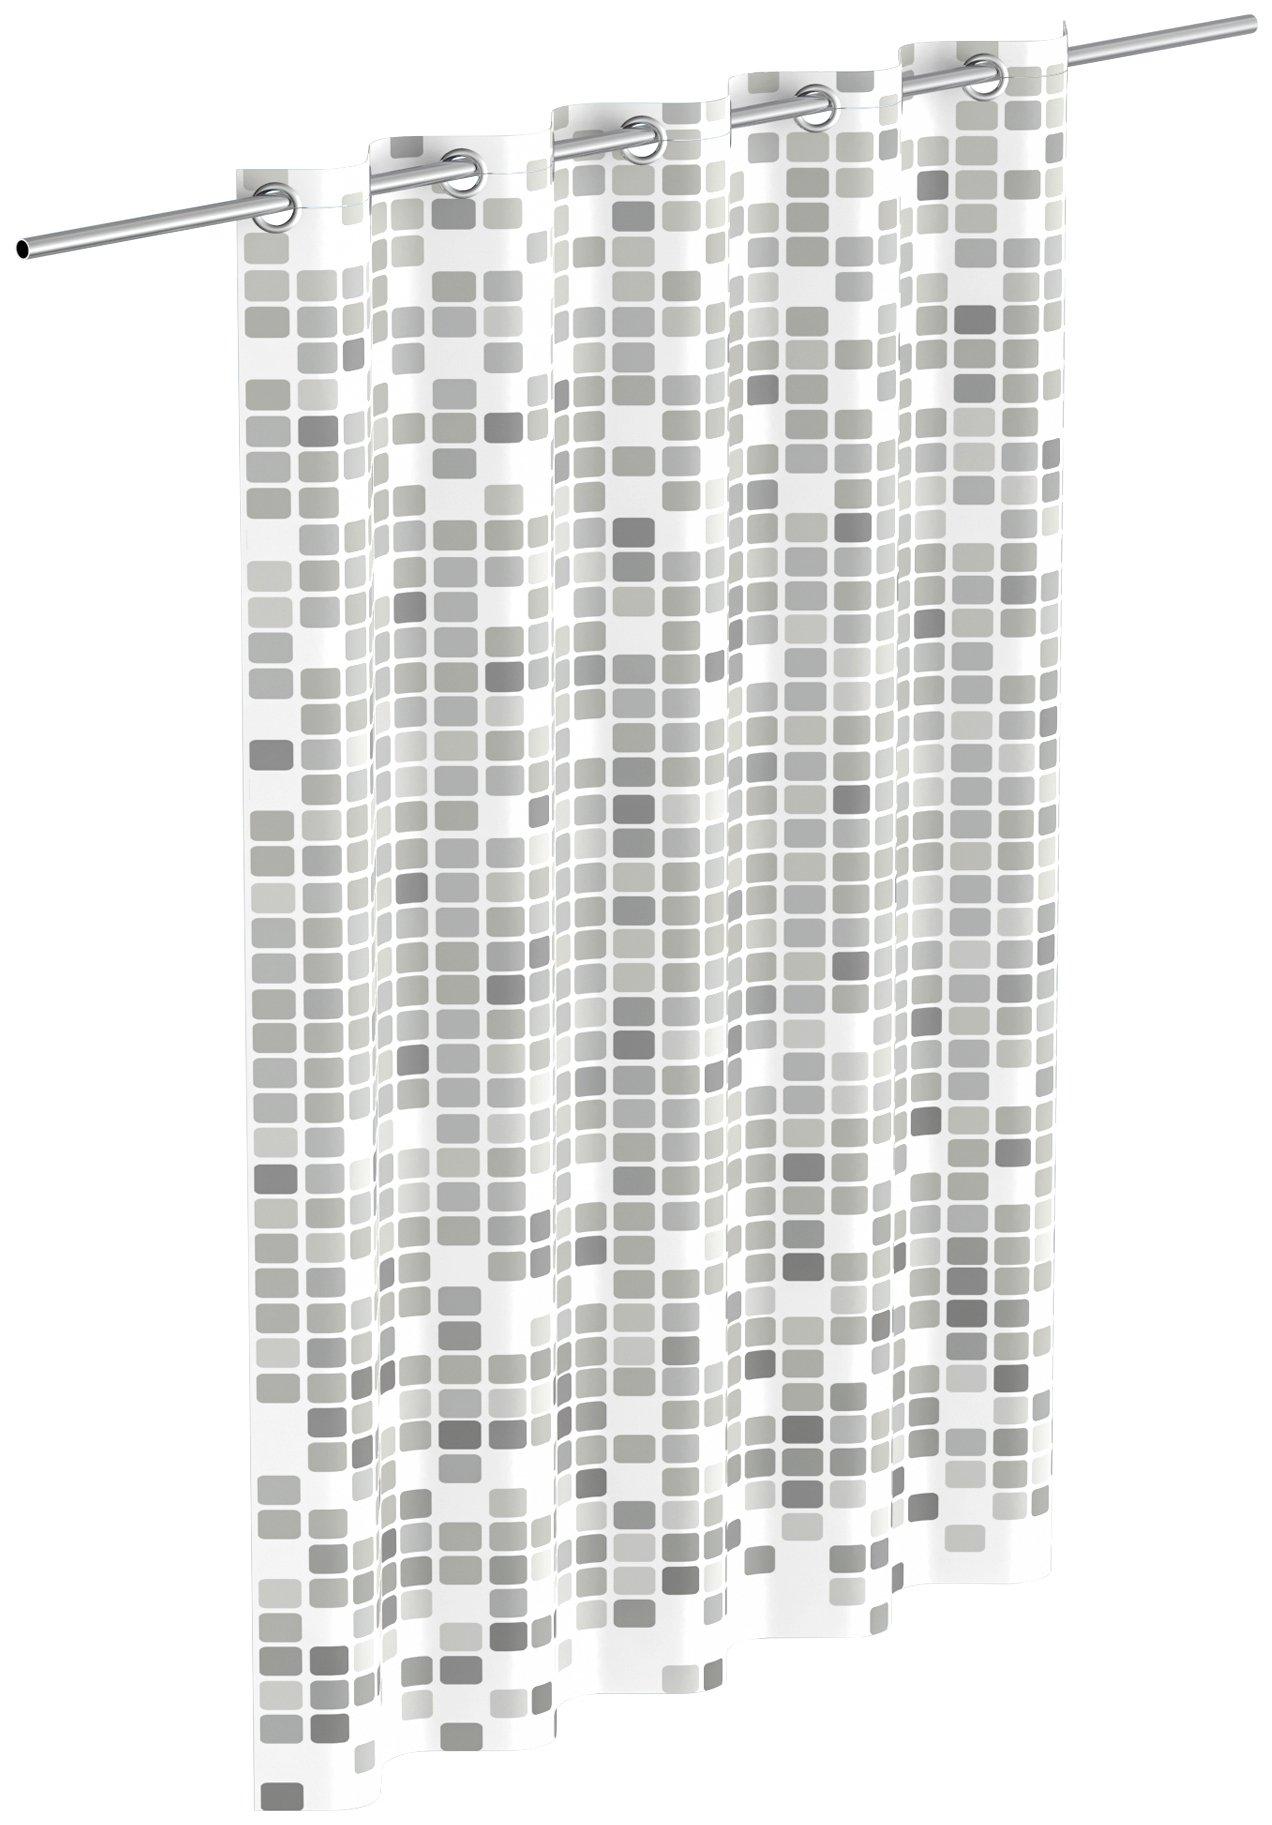 Eisl douchegordijn Mozaïek grijs mozaïek-design bestellen: 30 dagen bedenktijd